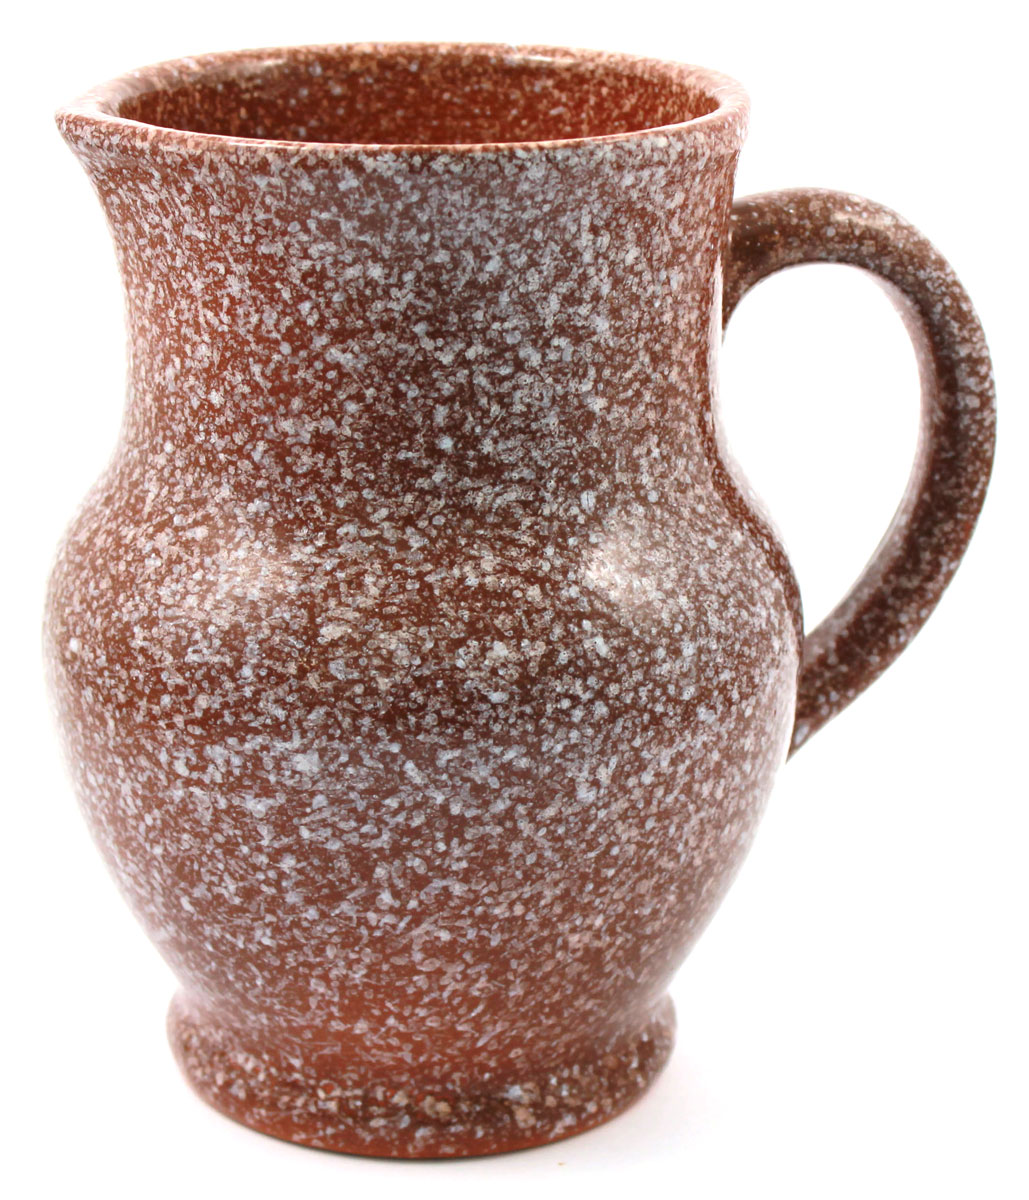 Кувшин Ломоносовская керамика Мрамор, 1,3 л1К3мк-1Кувшин Ломоносовская керамика изготовлен из высококачественной глины и оснащен удобной ручкой. Прекрасно подходит для подачи воды, сока, компота и других напитков. Изящный кувшин красиво оформит стол и порадует вас элегантным дизайном и простотой ухода.Диаметр: 16 см.Высота: 17,5 см.